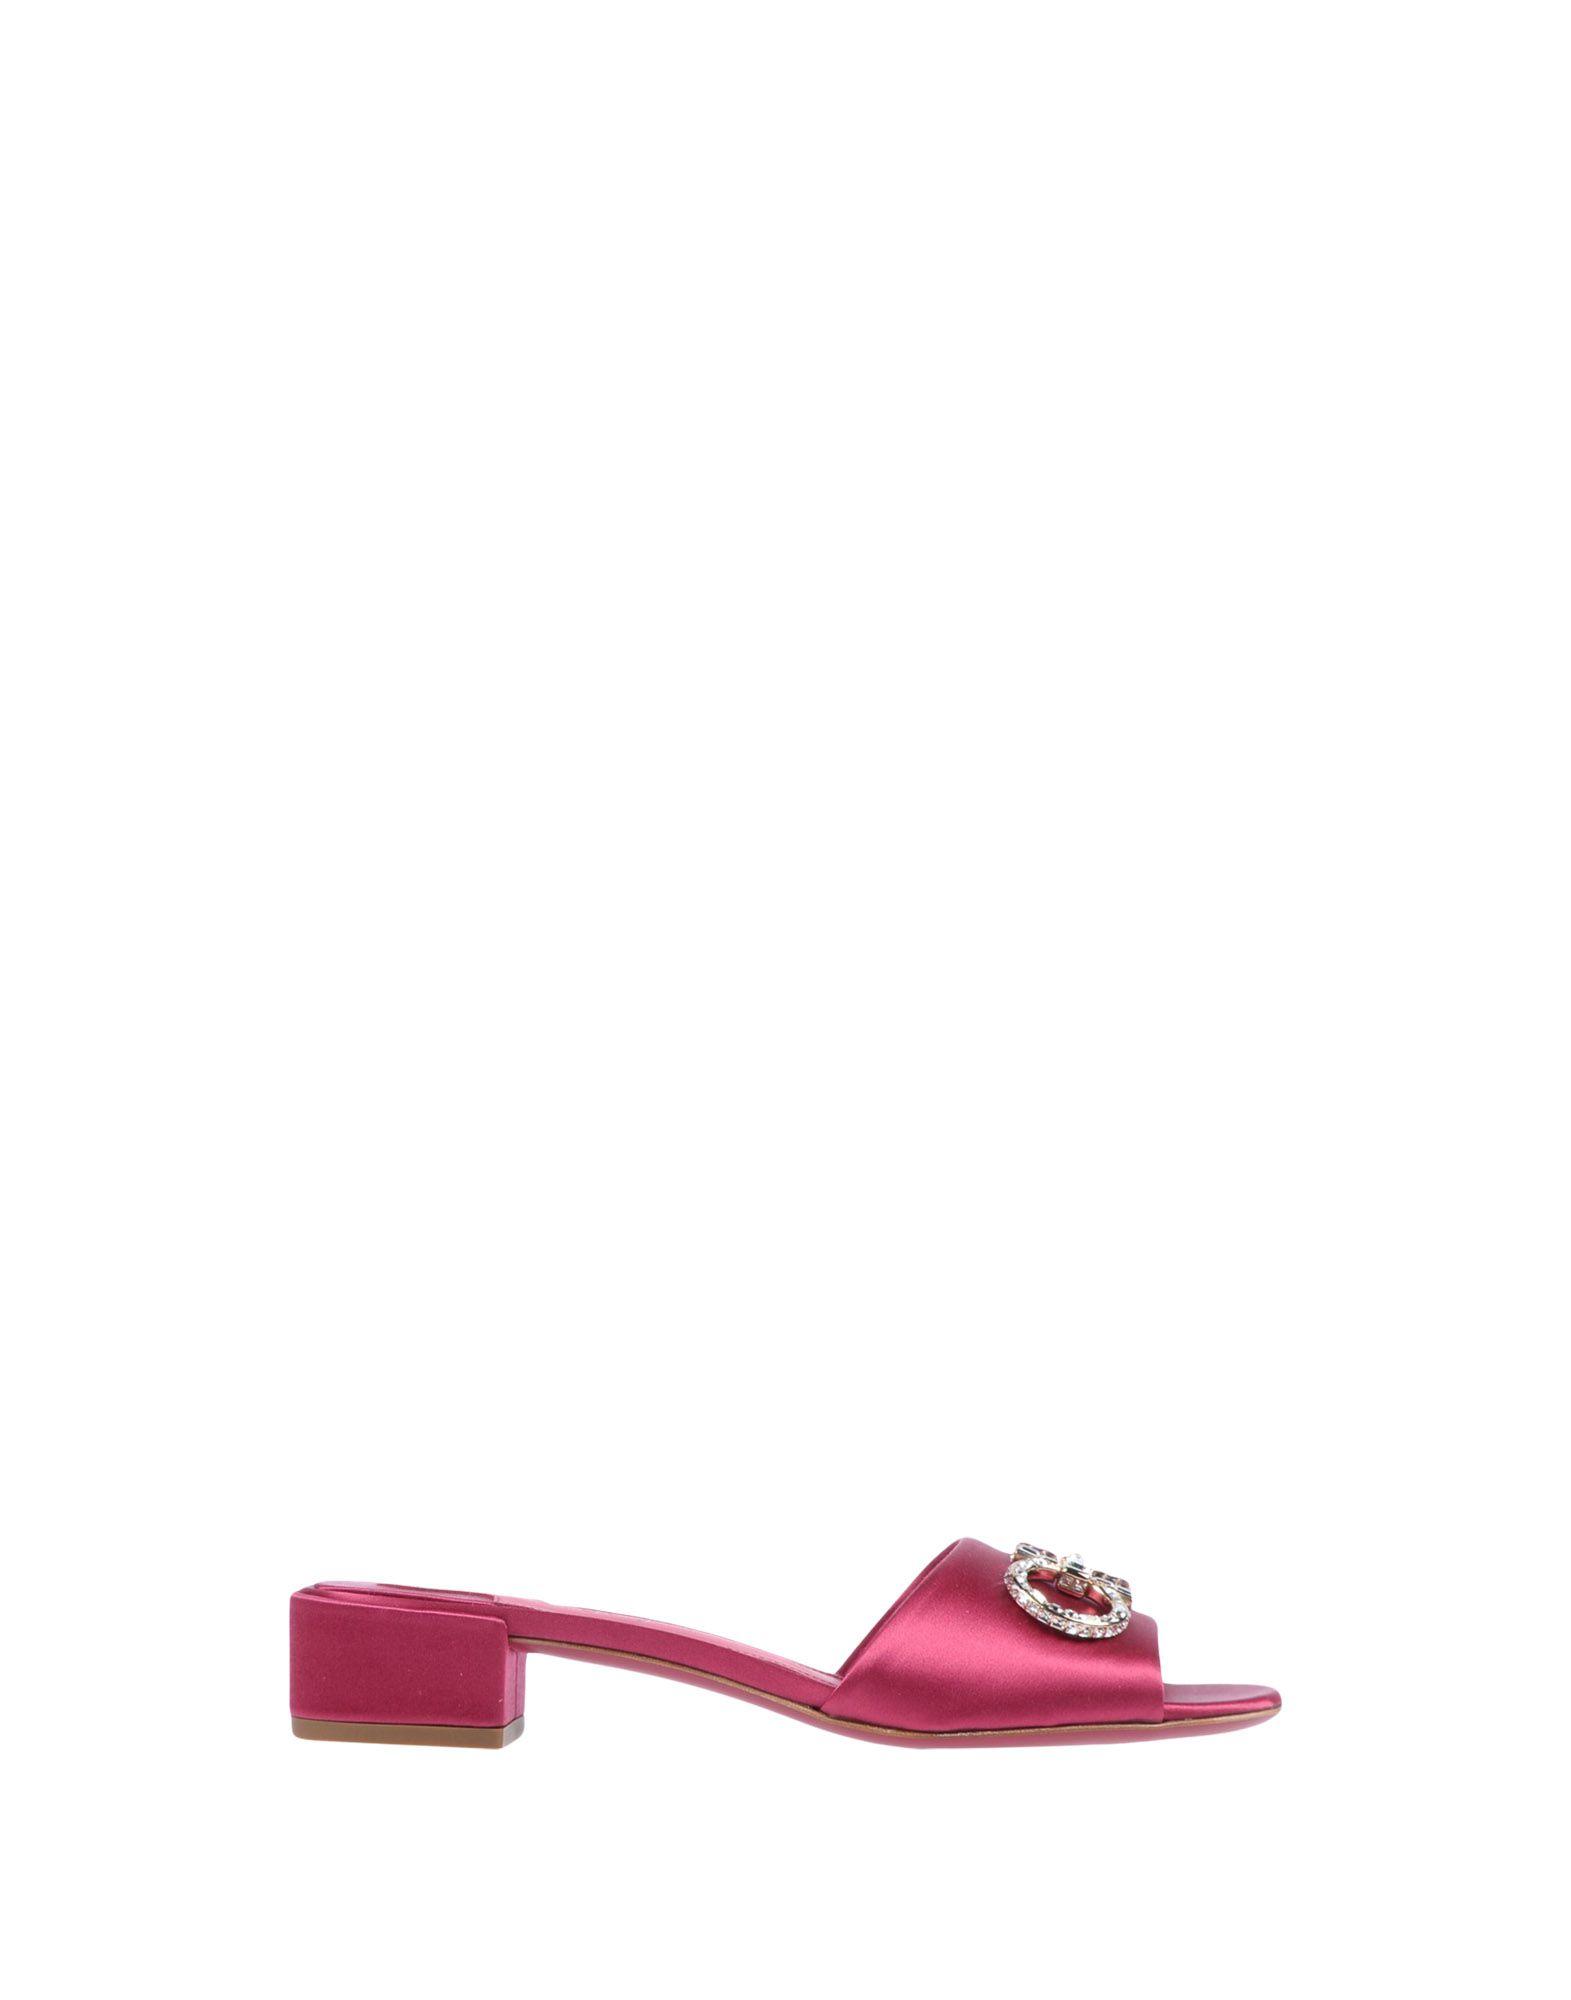 Salvatore Ferragamo Sandalen Damen aussehende  11508025CIGünstige gut aussehende Damen Schuhe 137e06